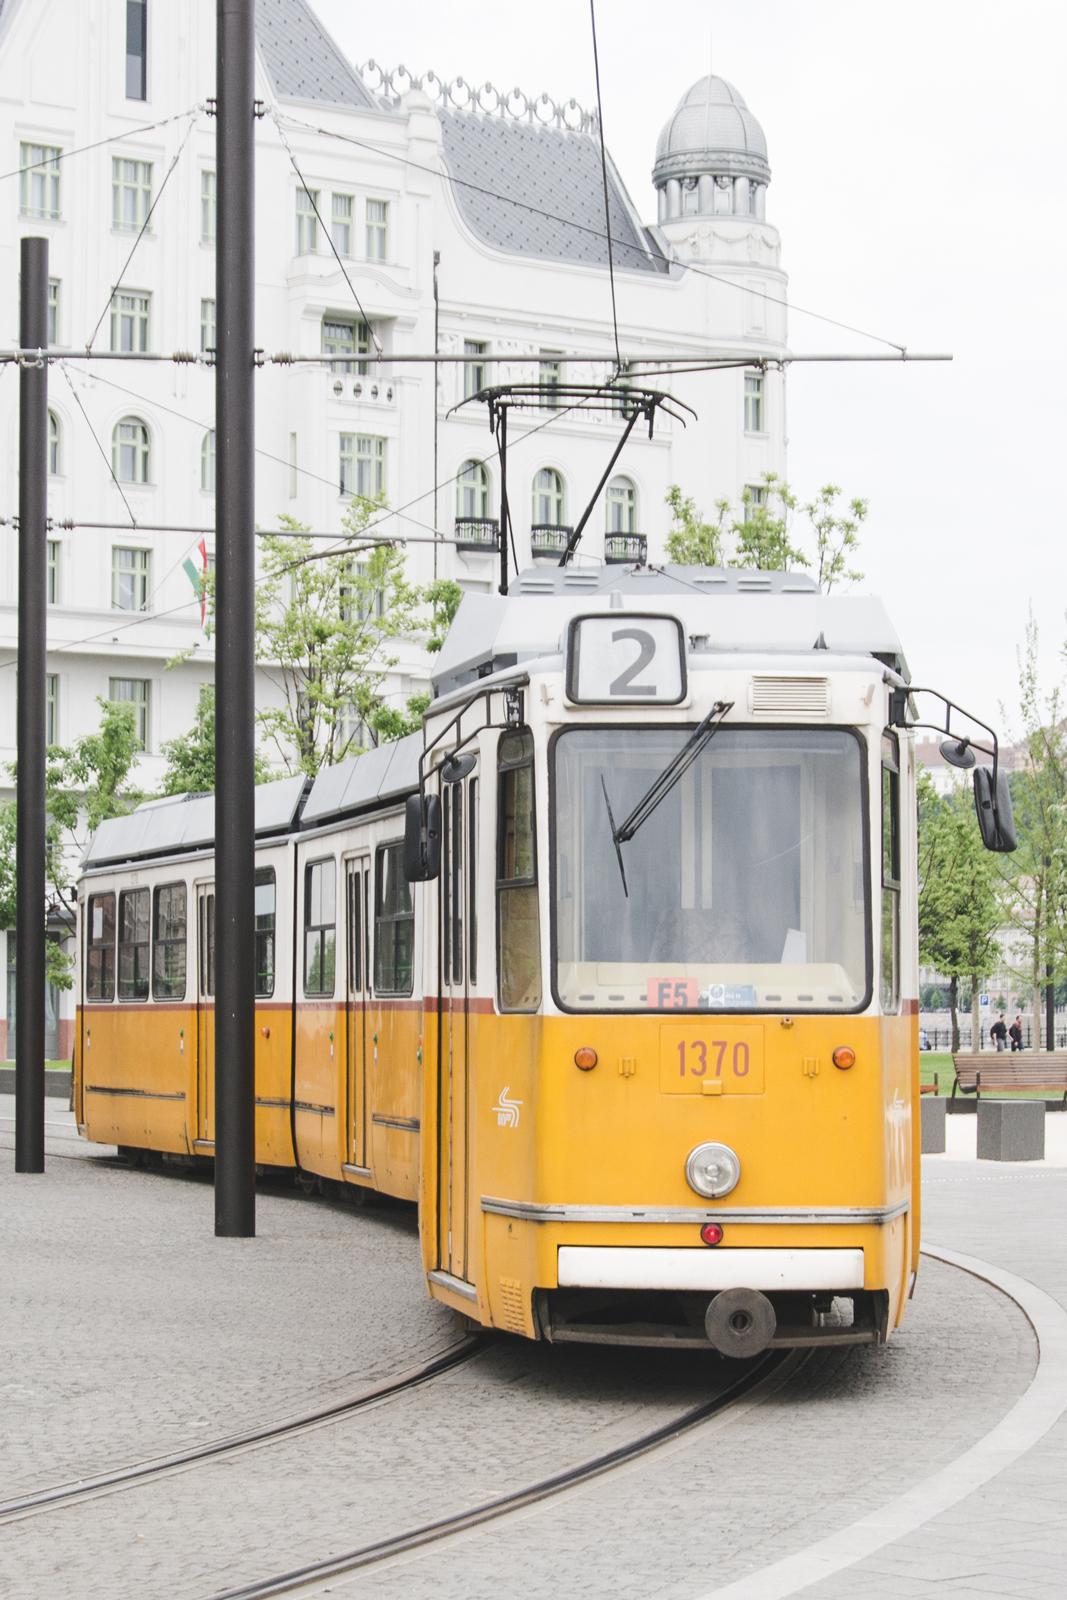 Budapest-yellow-tramby-epepa-1